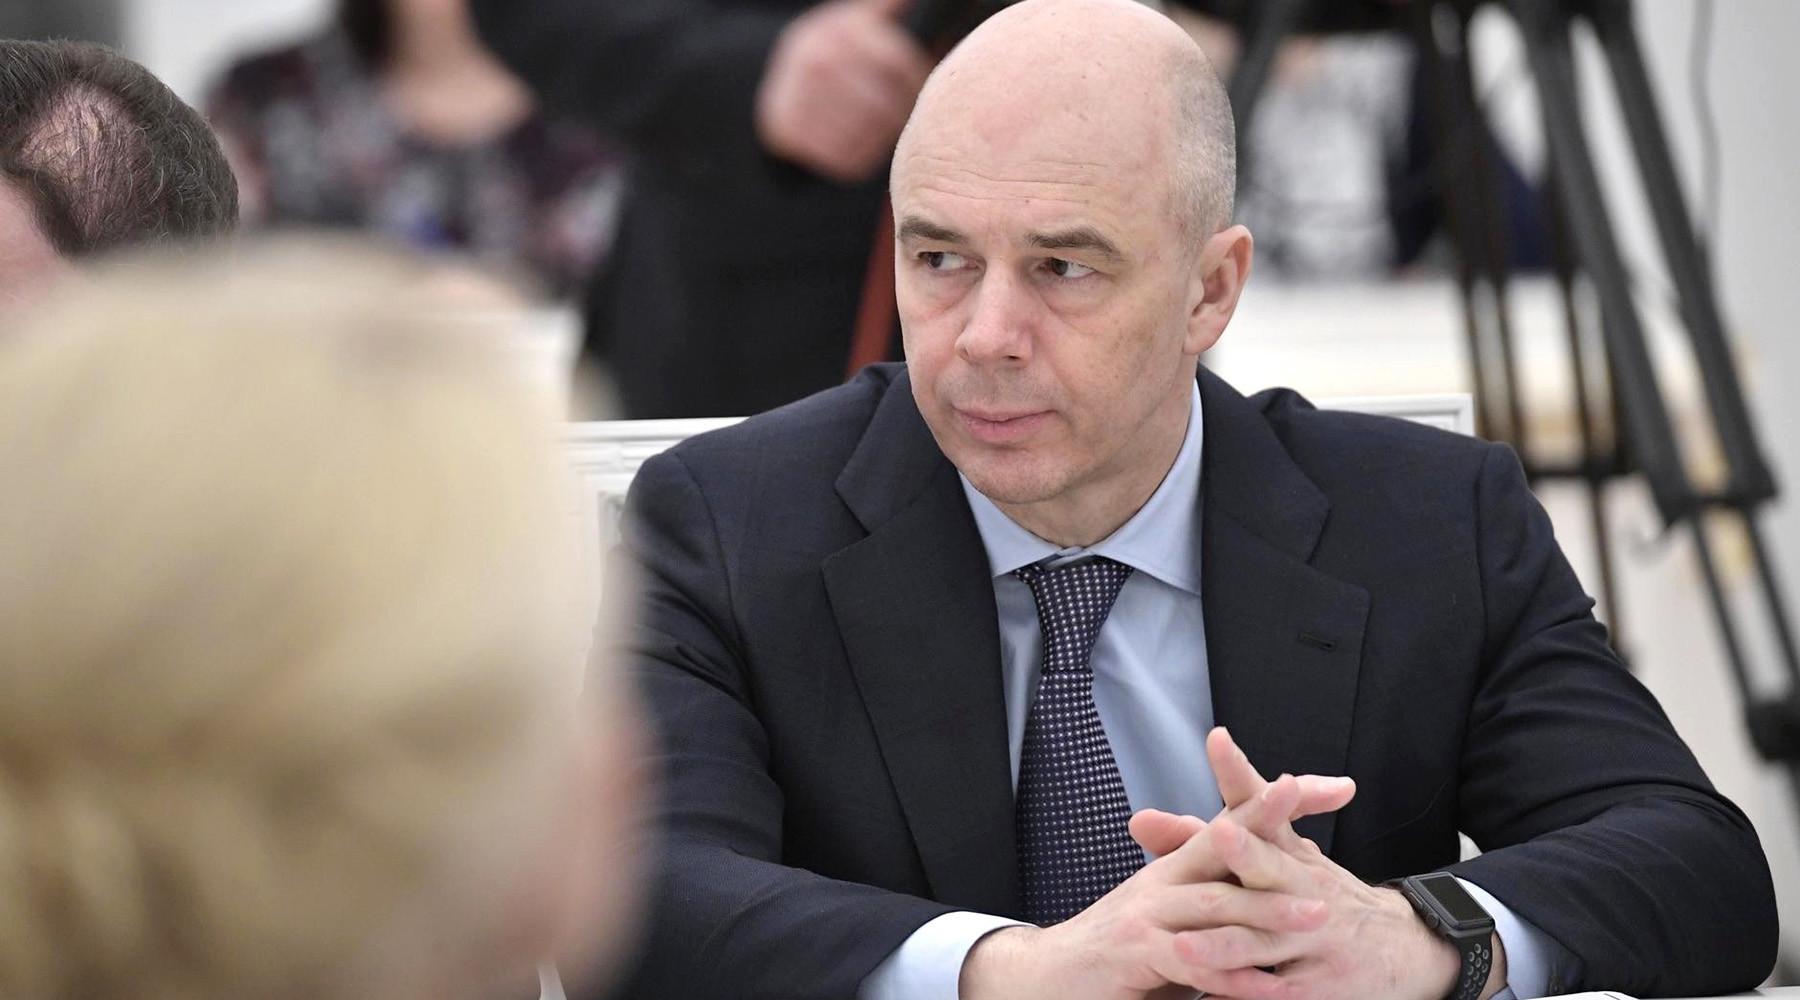 Резервный фонд России обнулился и 1 февраля 2018 года перестанет существовать